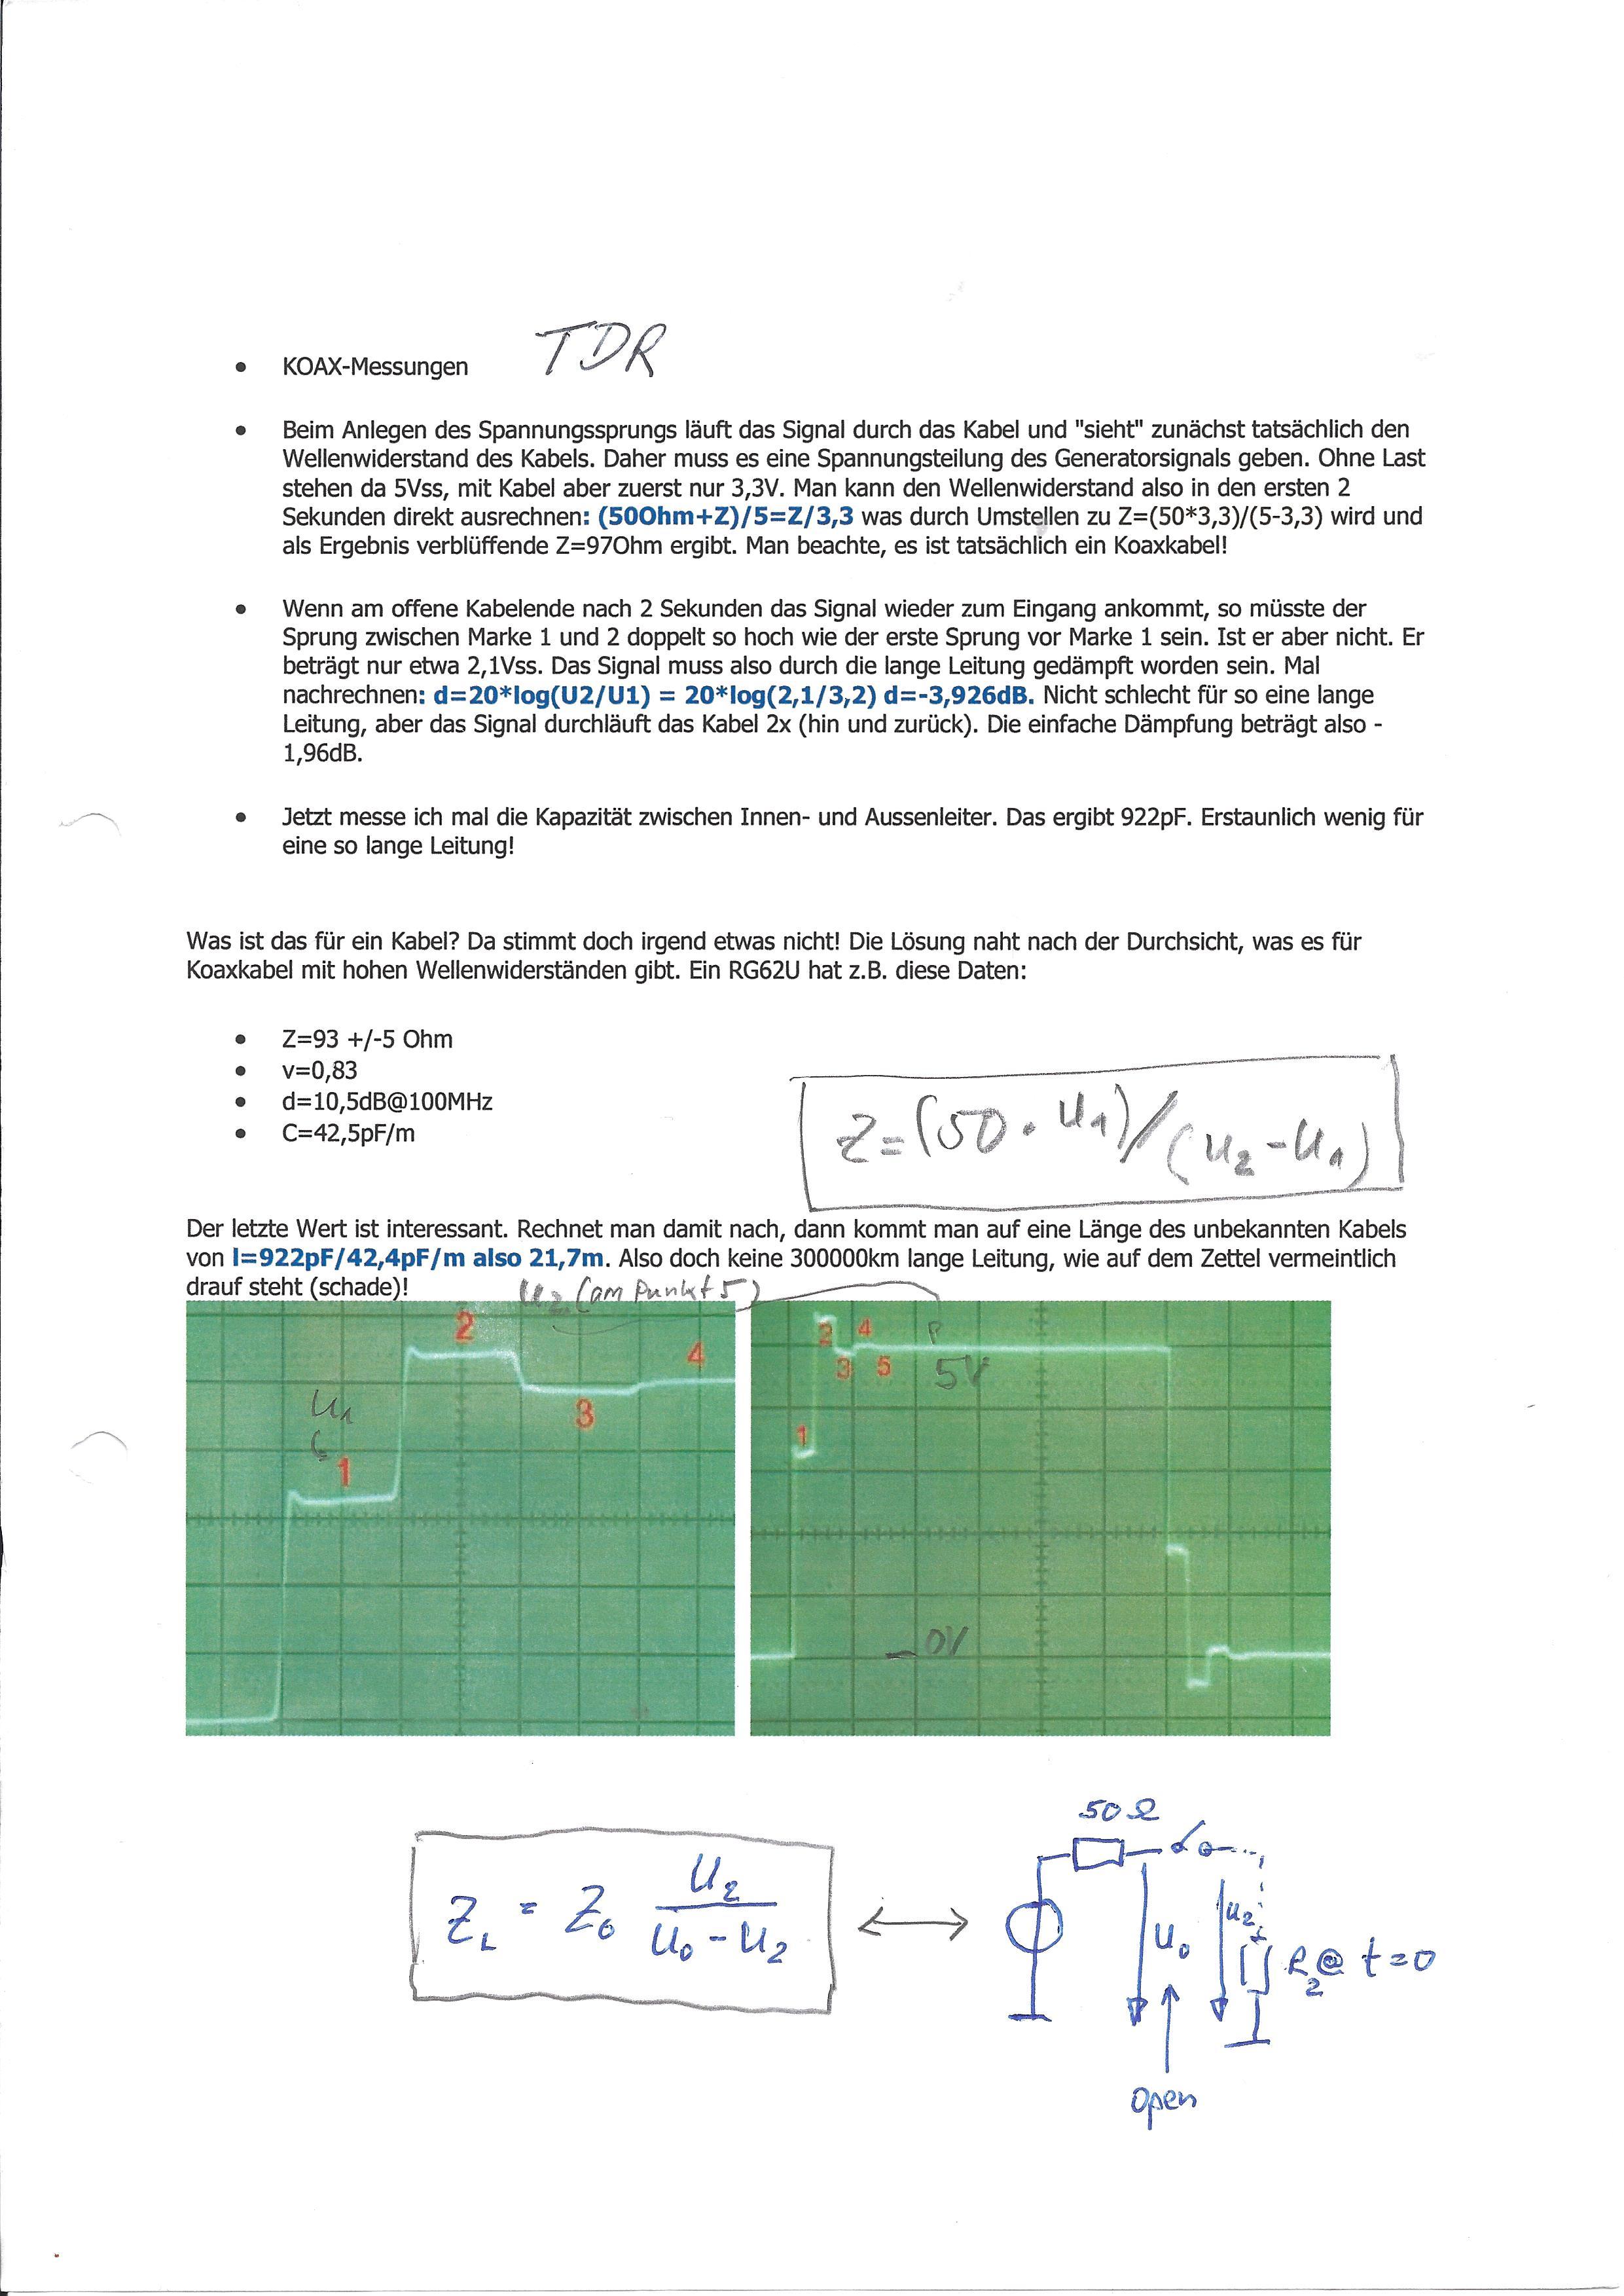 TDR-Impedanzmessung - Denkfehler? - Mikrocontroller.net